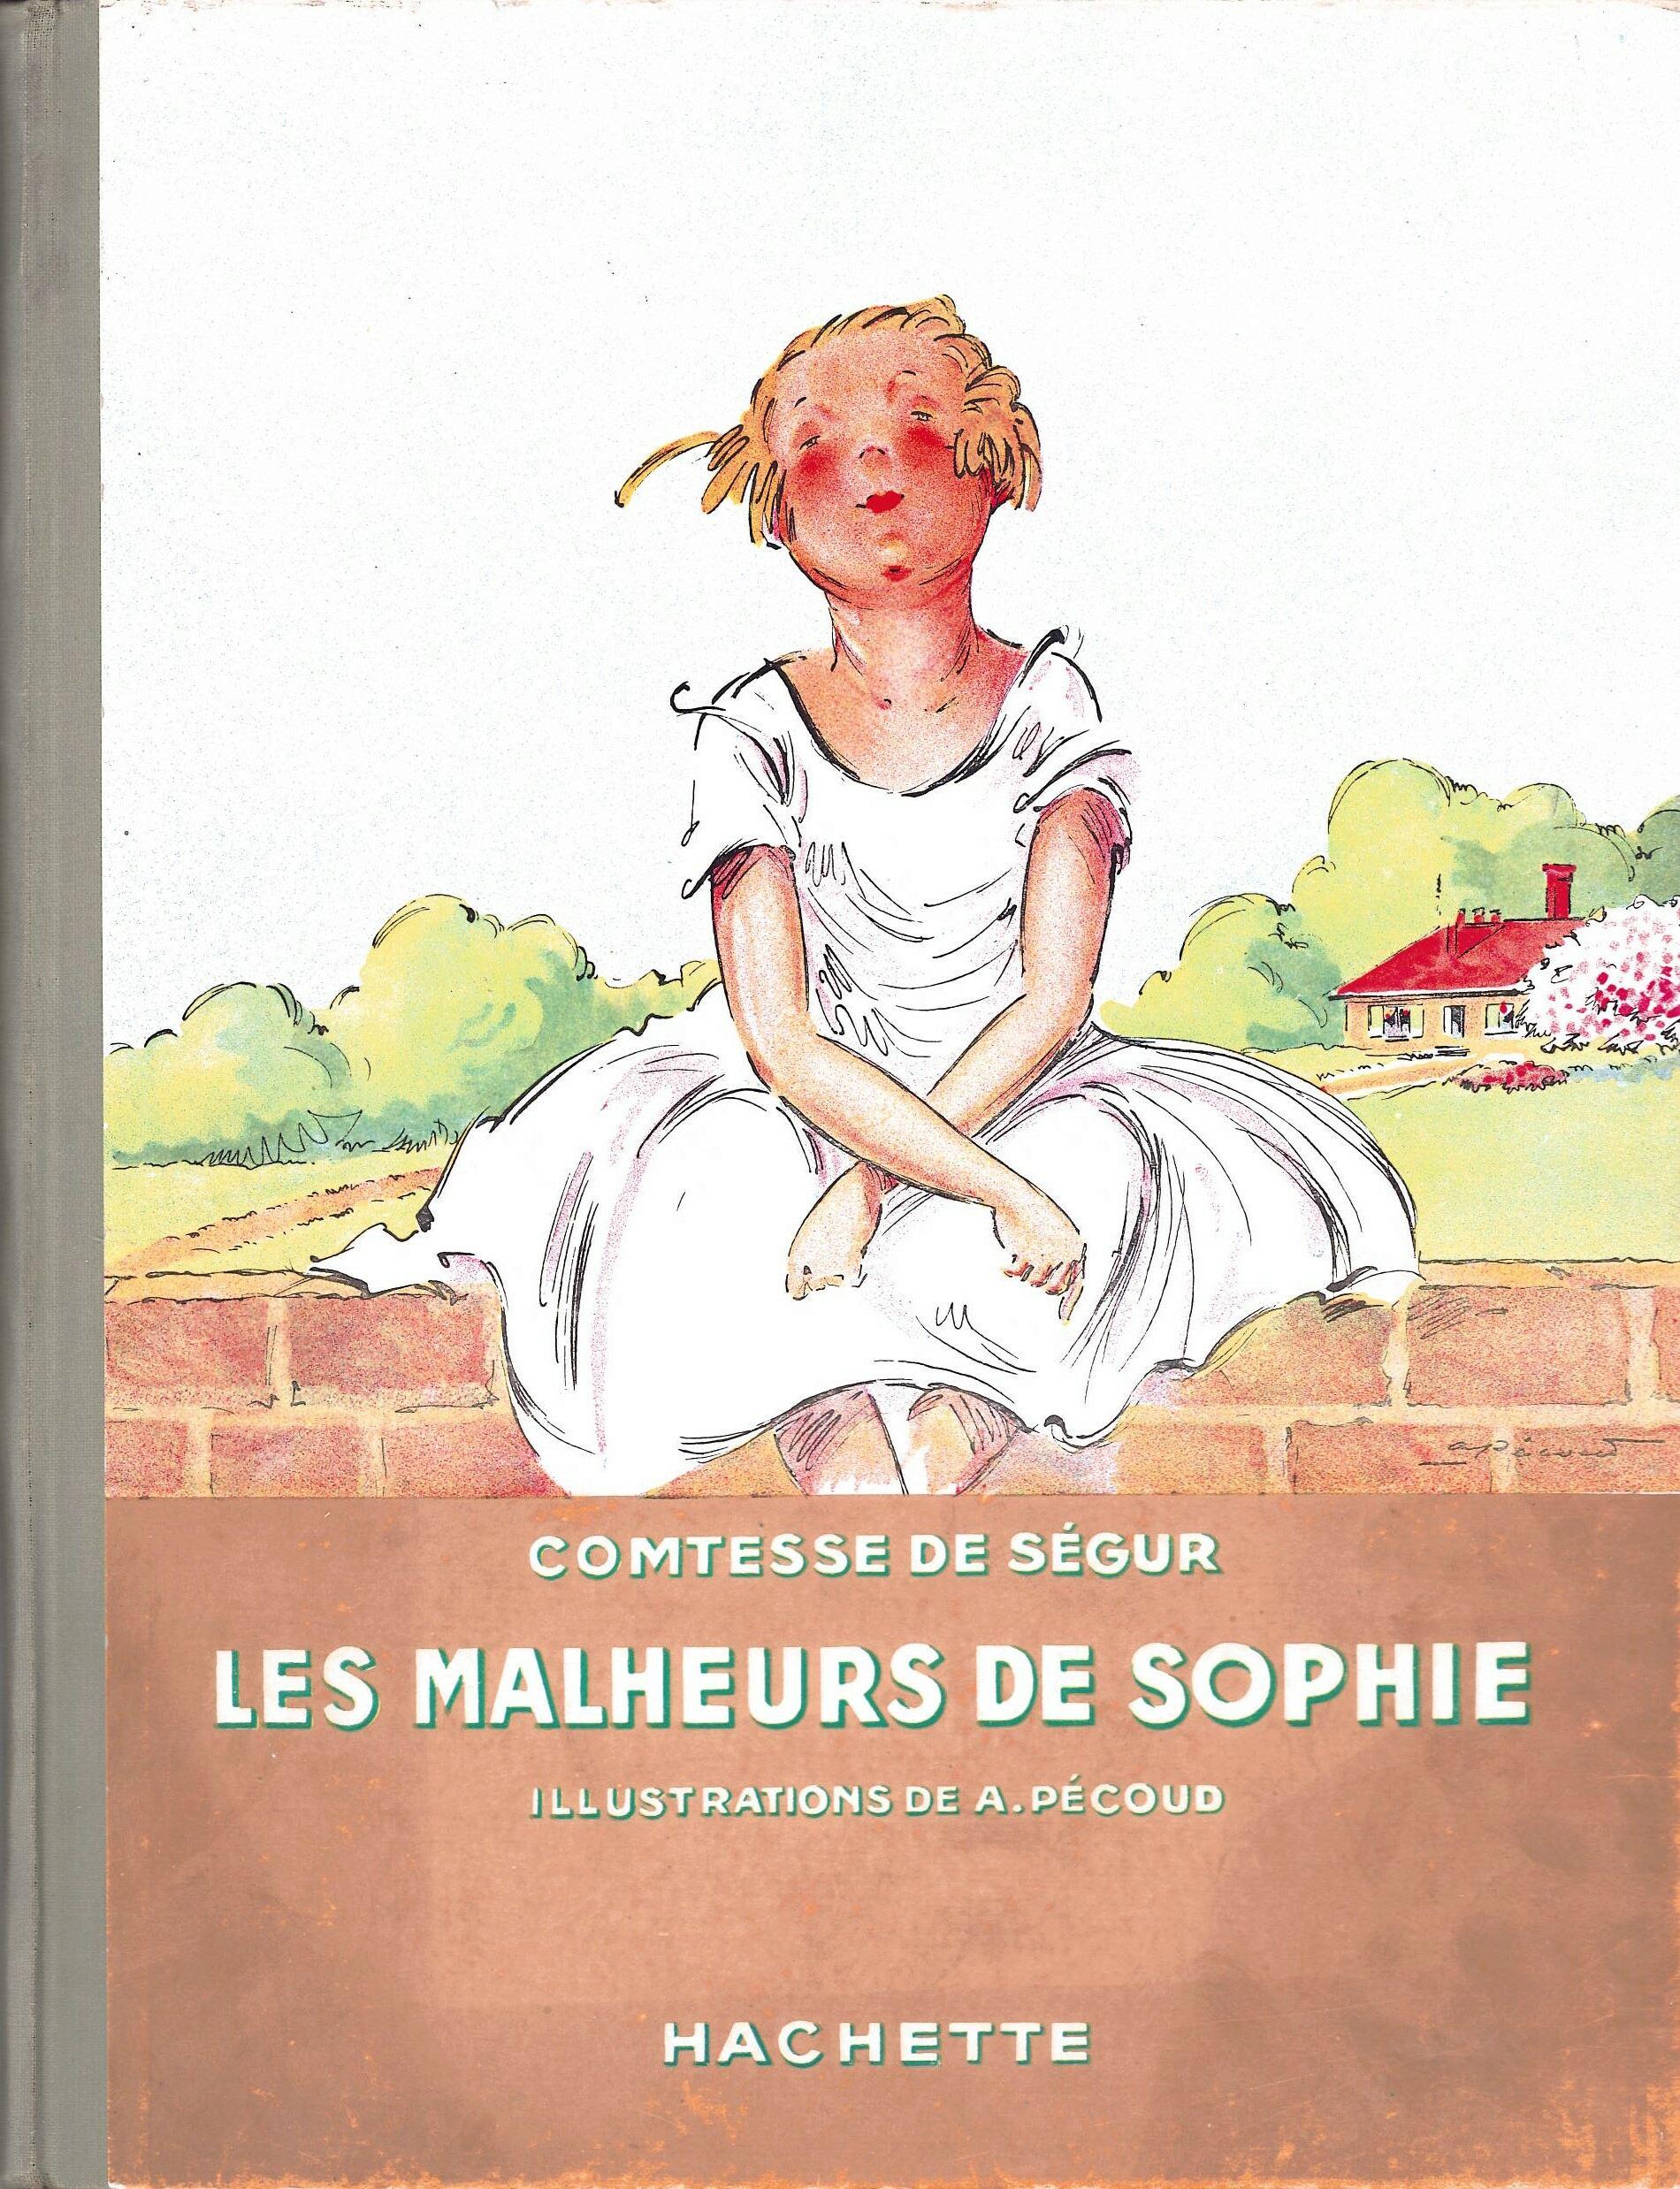 Les Grands Albums Hachette Img24111